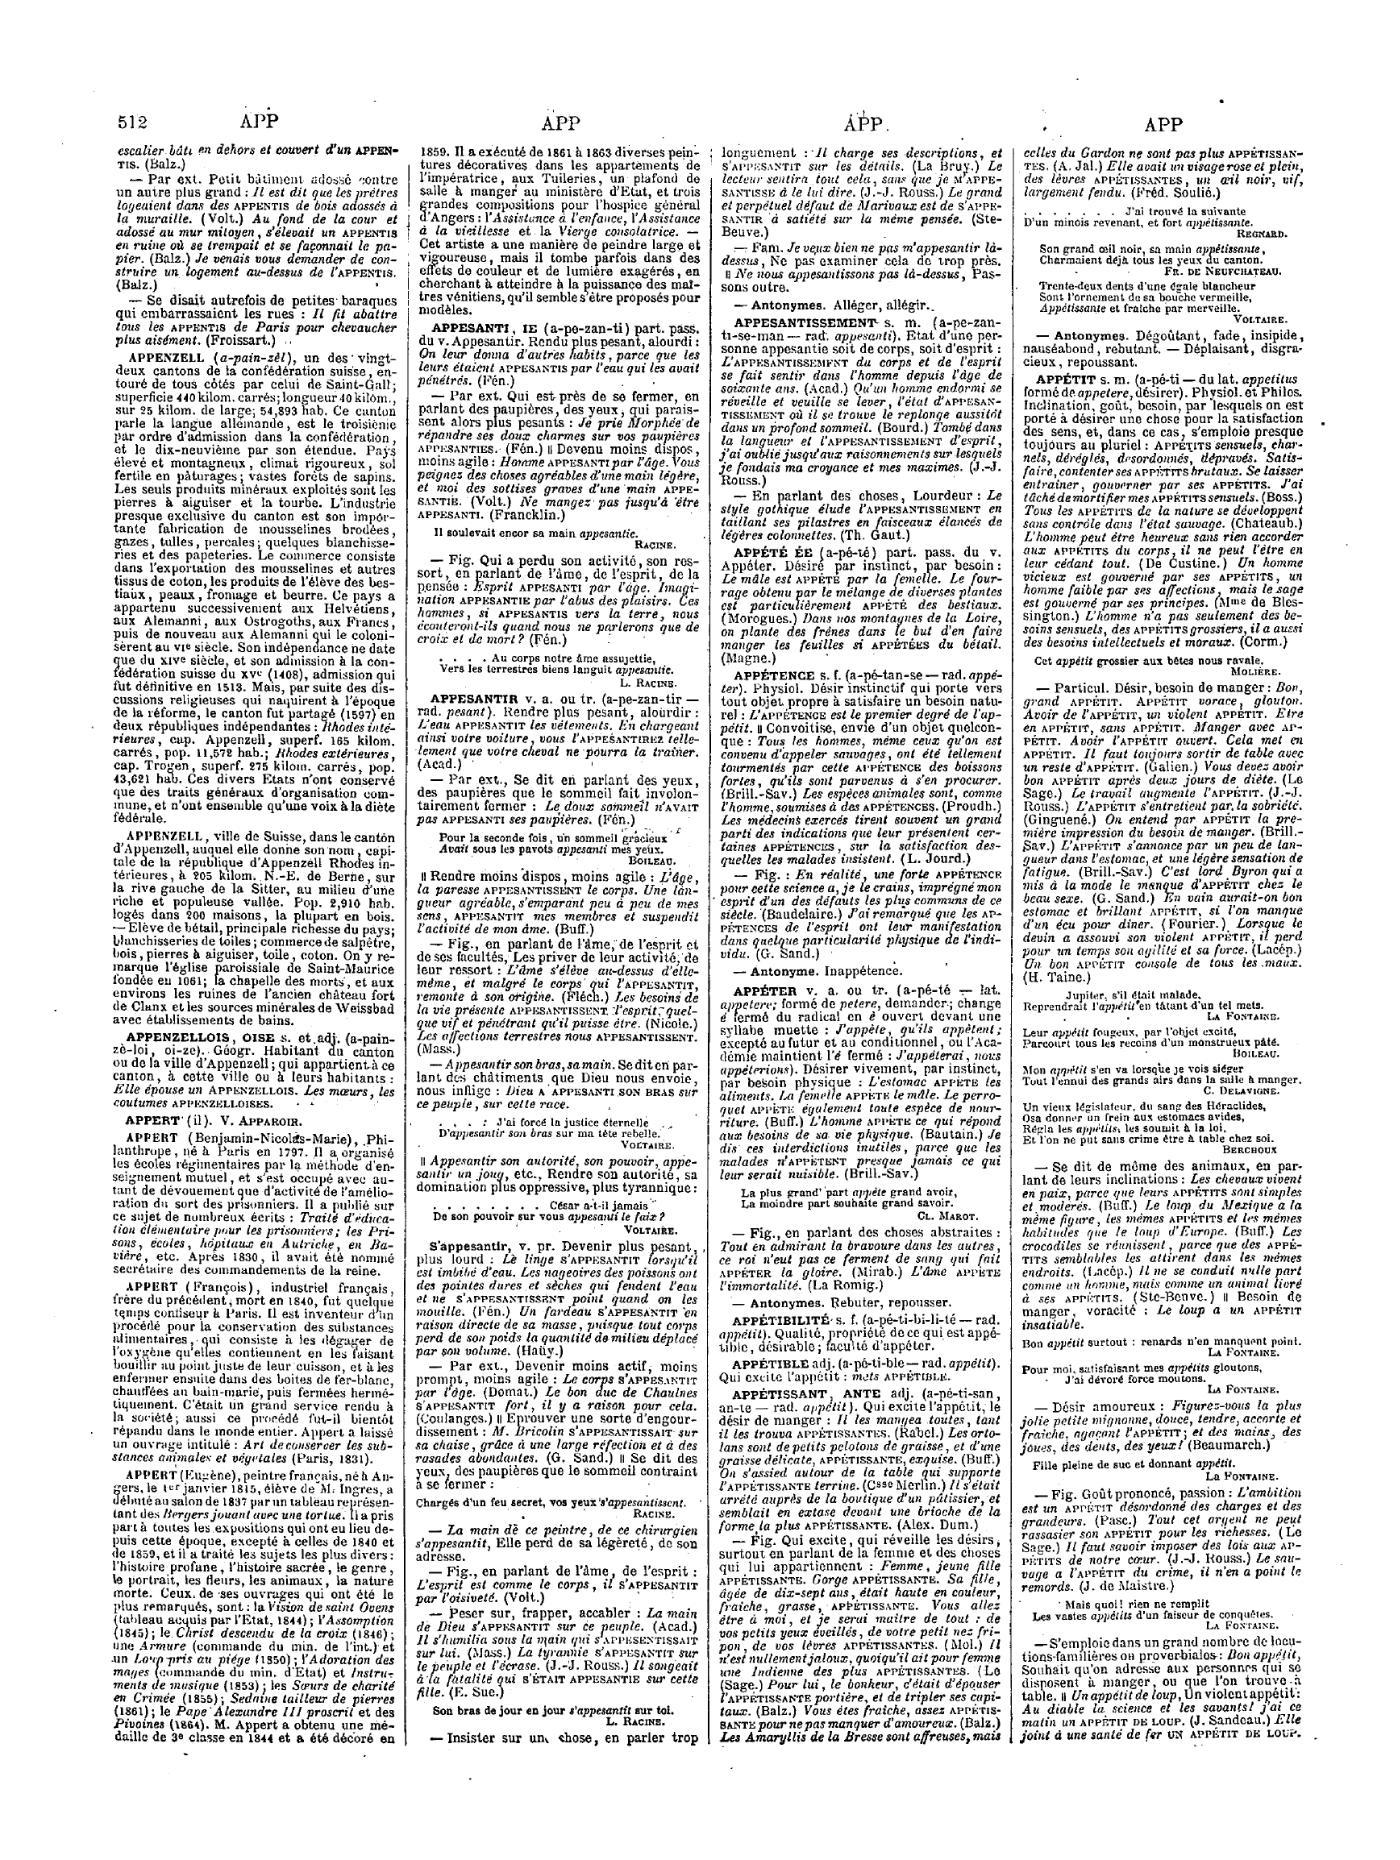 Salle De Bain Marron Et Beige ~ Page Larousse Grand Dictionnaire Universel Du Xixe Si Cle Tome 1